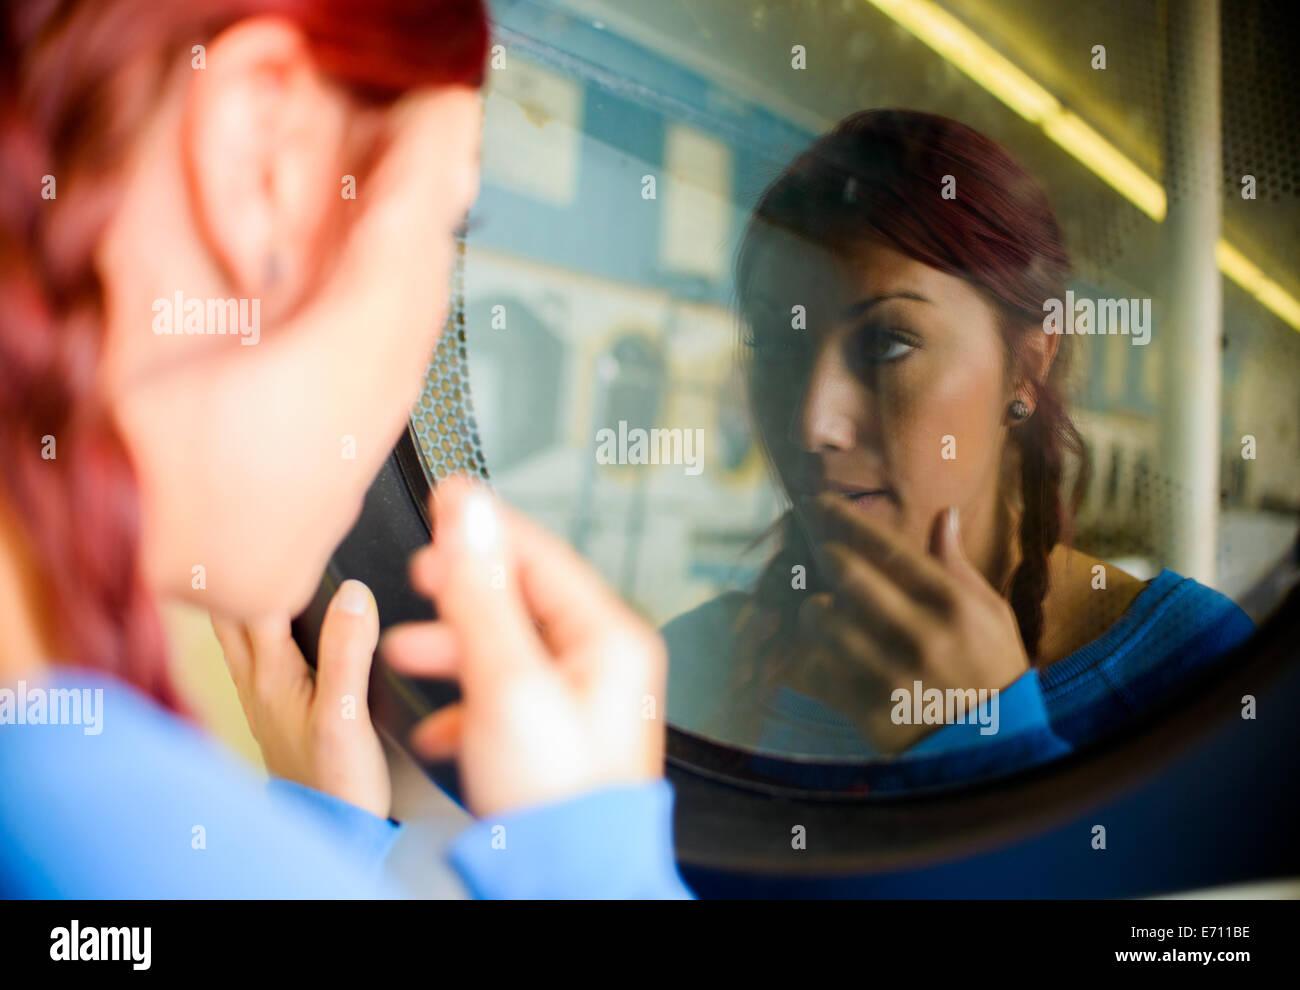 Giovane donna in lavanderia, guardando alla riflessione nella macchina di lavaggio Immagini Stock